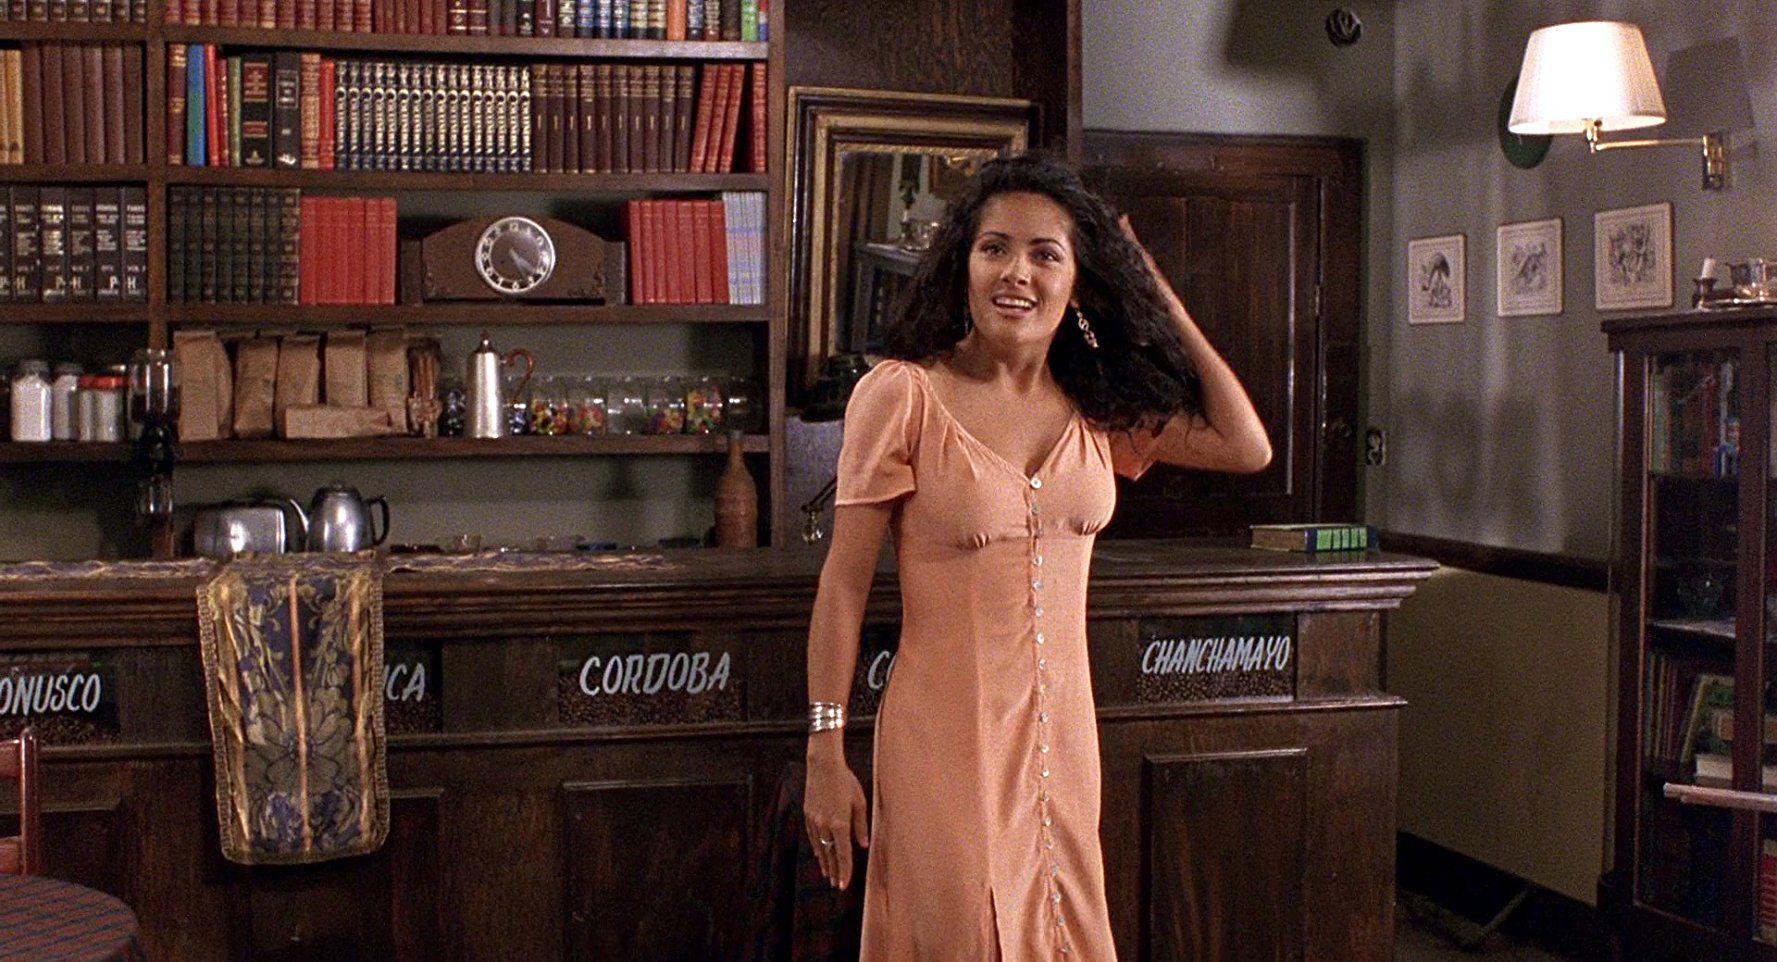 Salma Hayek In Desperado 1995 In 2020 Salma Hayek Salma Hayek Desperado White Outfits